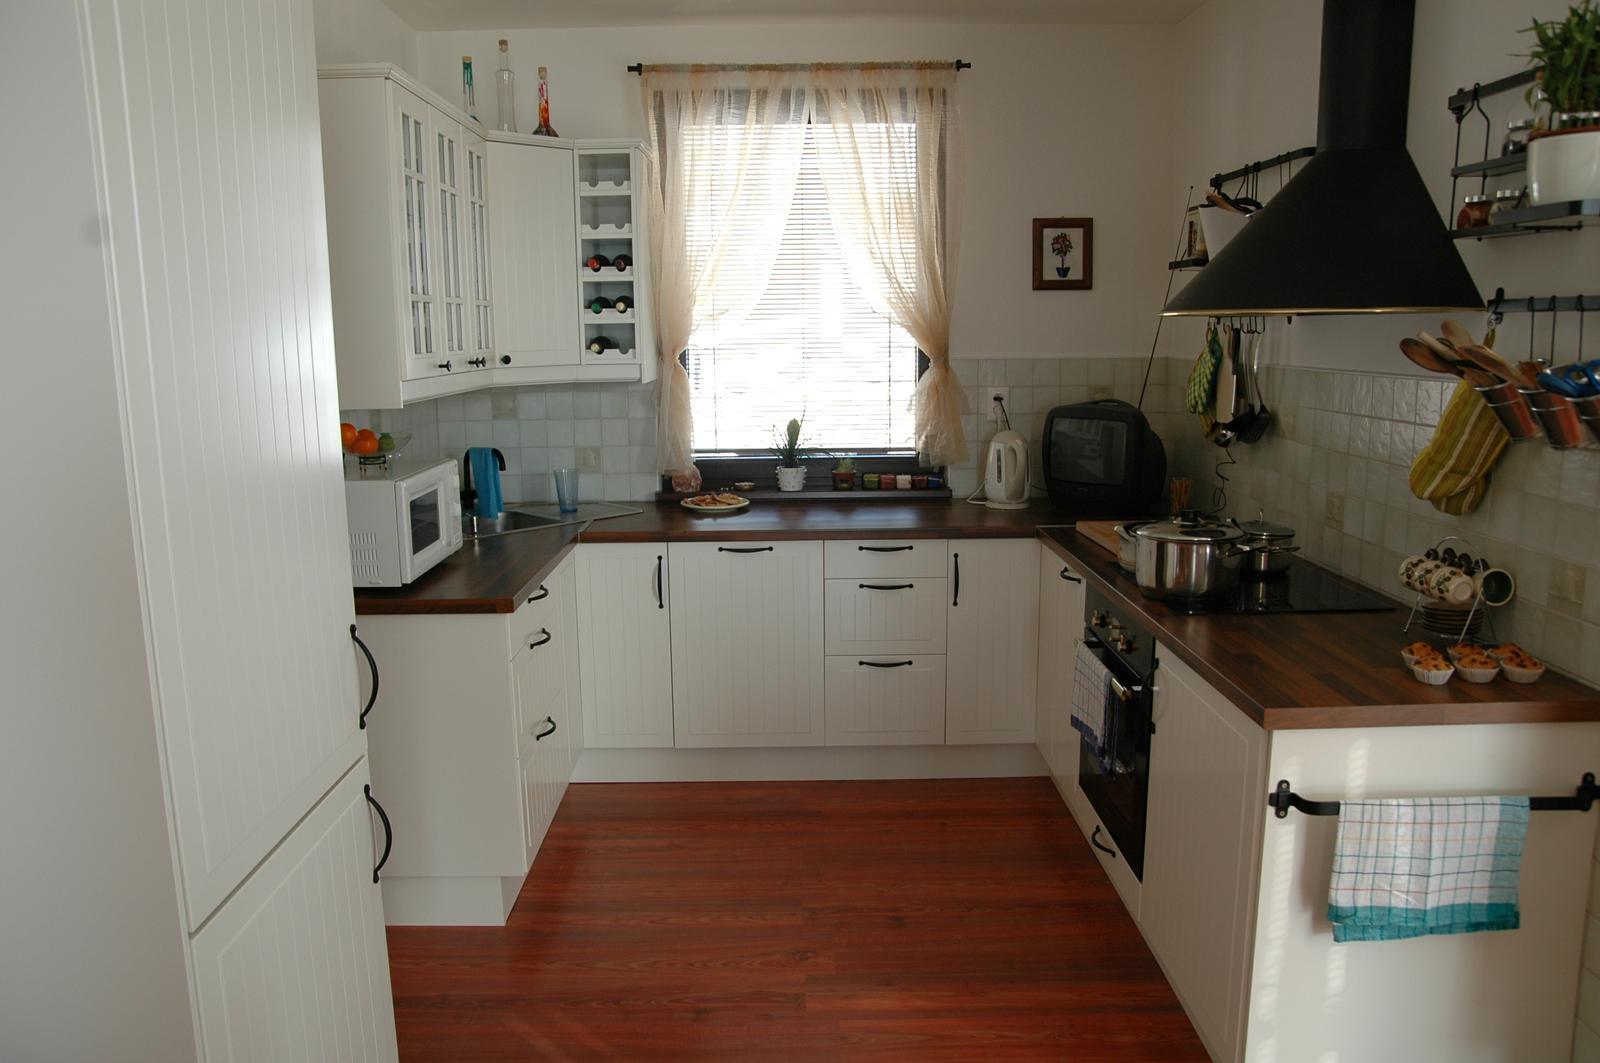 takto vyzera biela kuchyna... - Obrázok č. 1